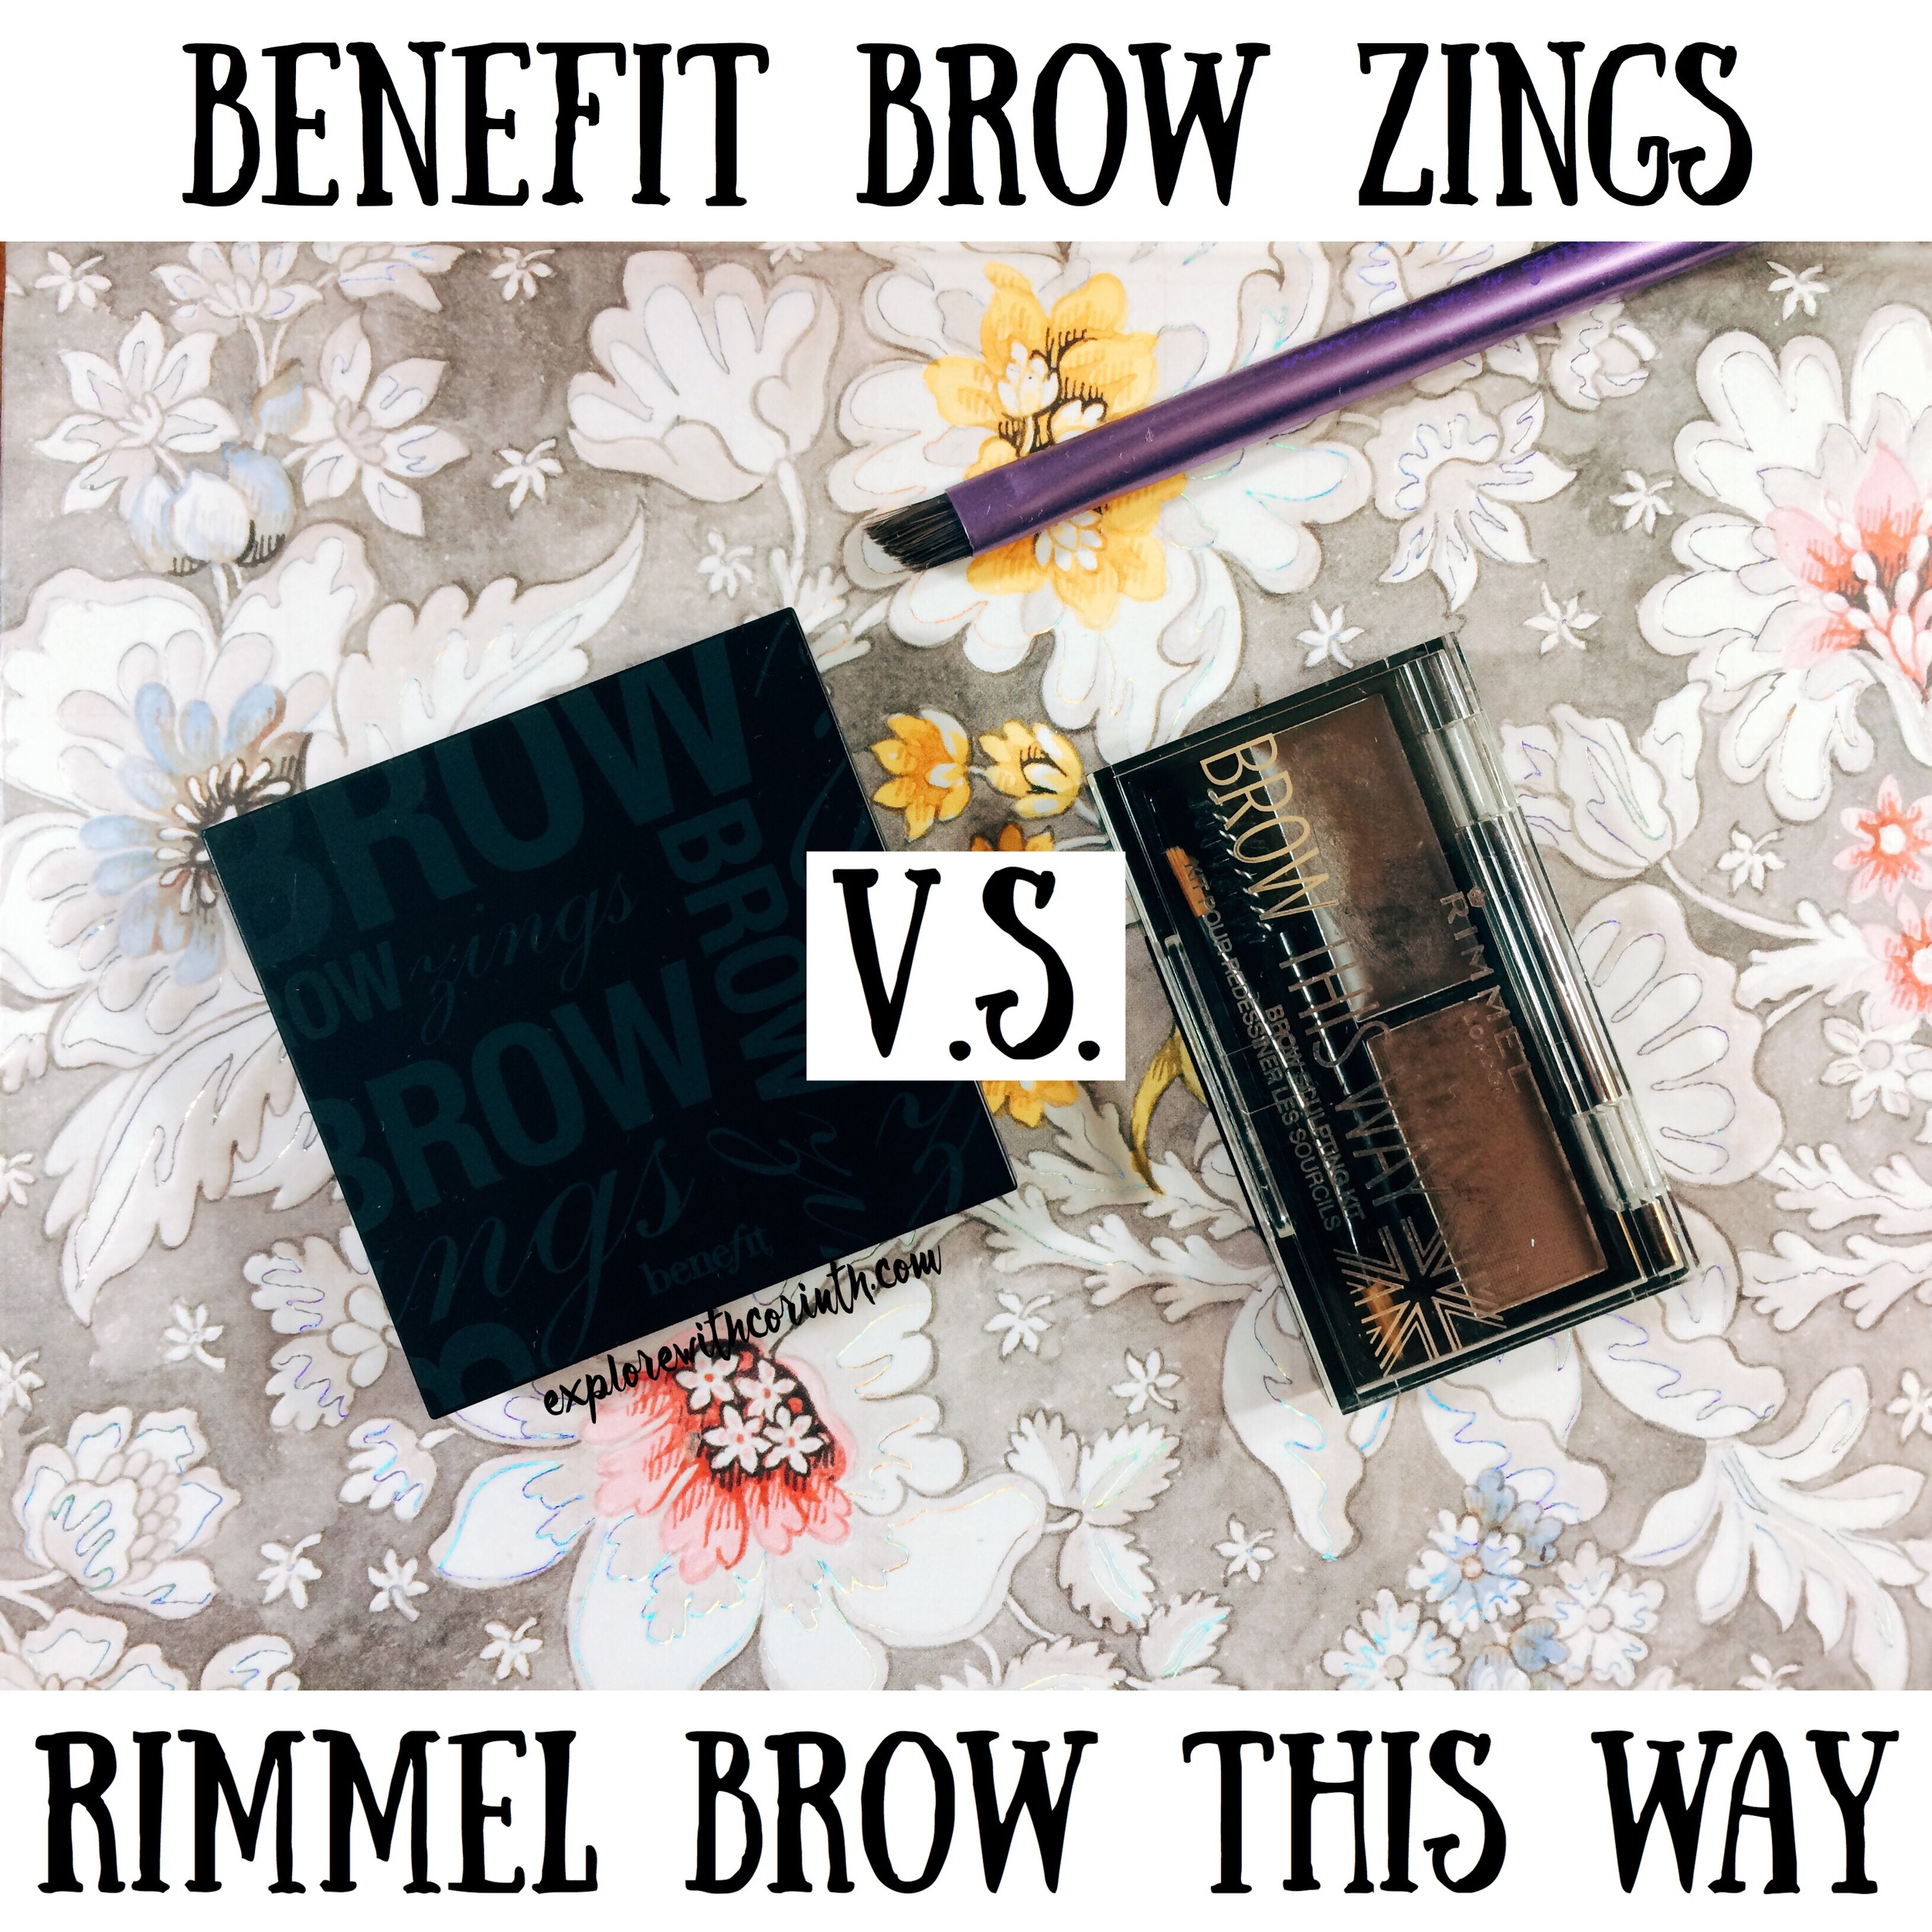 browzings versus browthisway